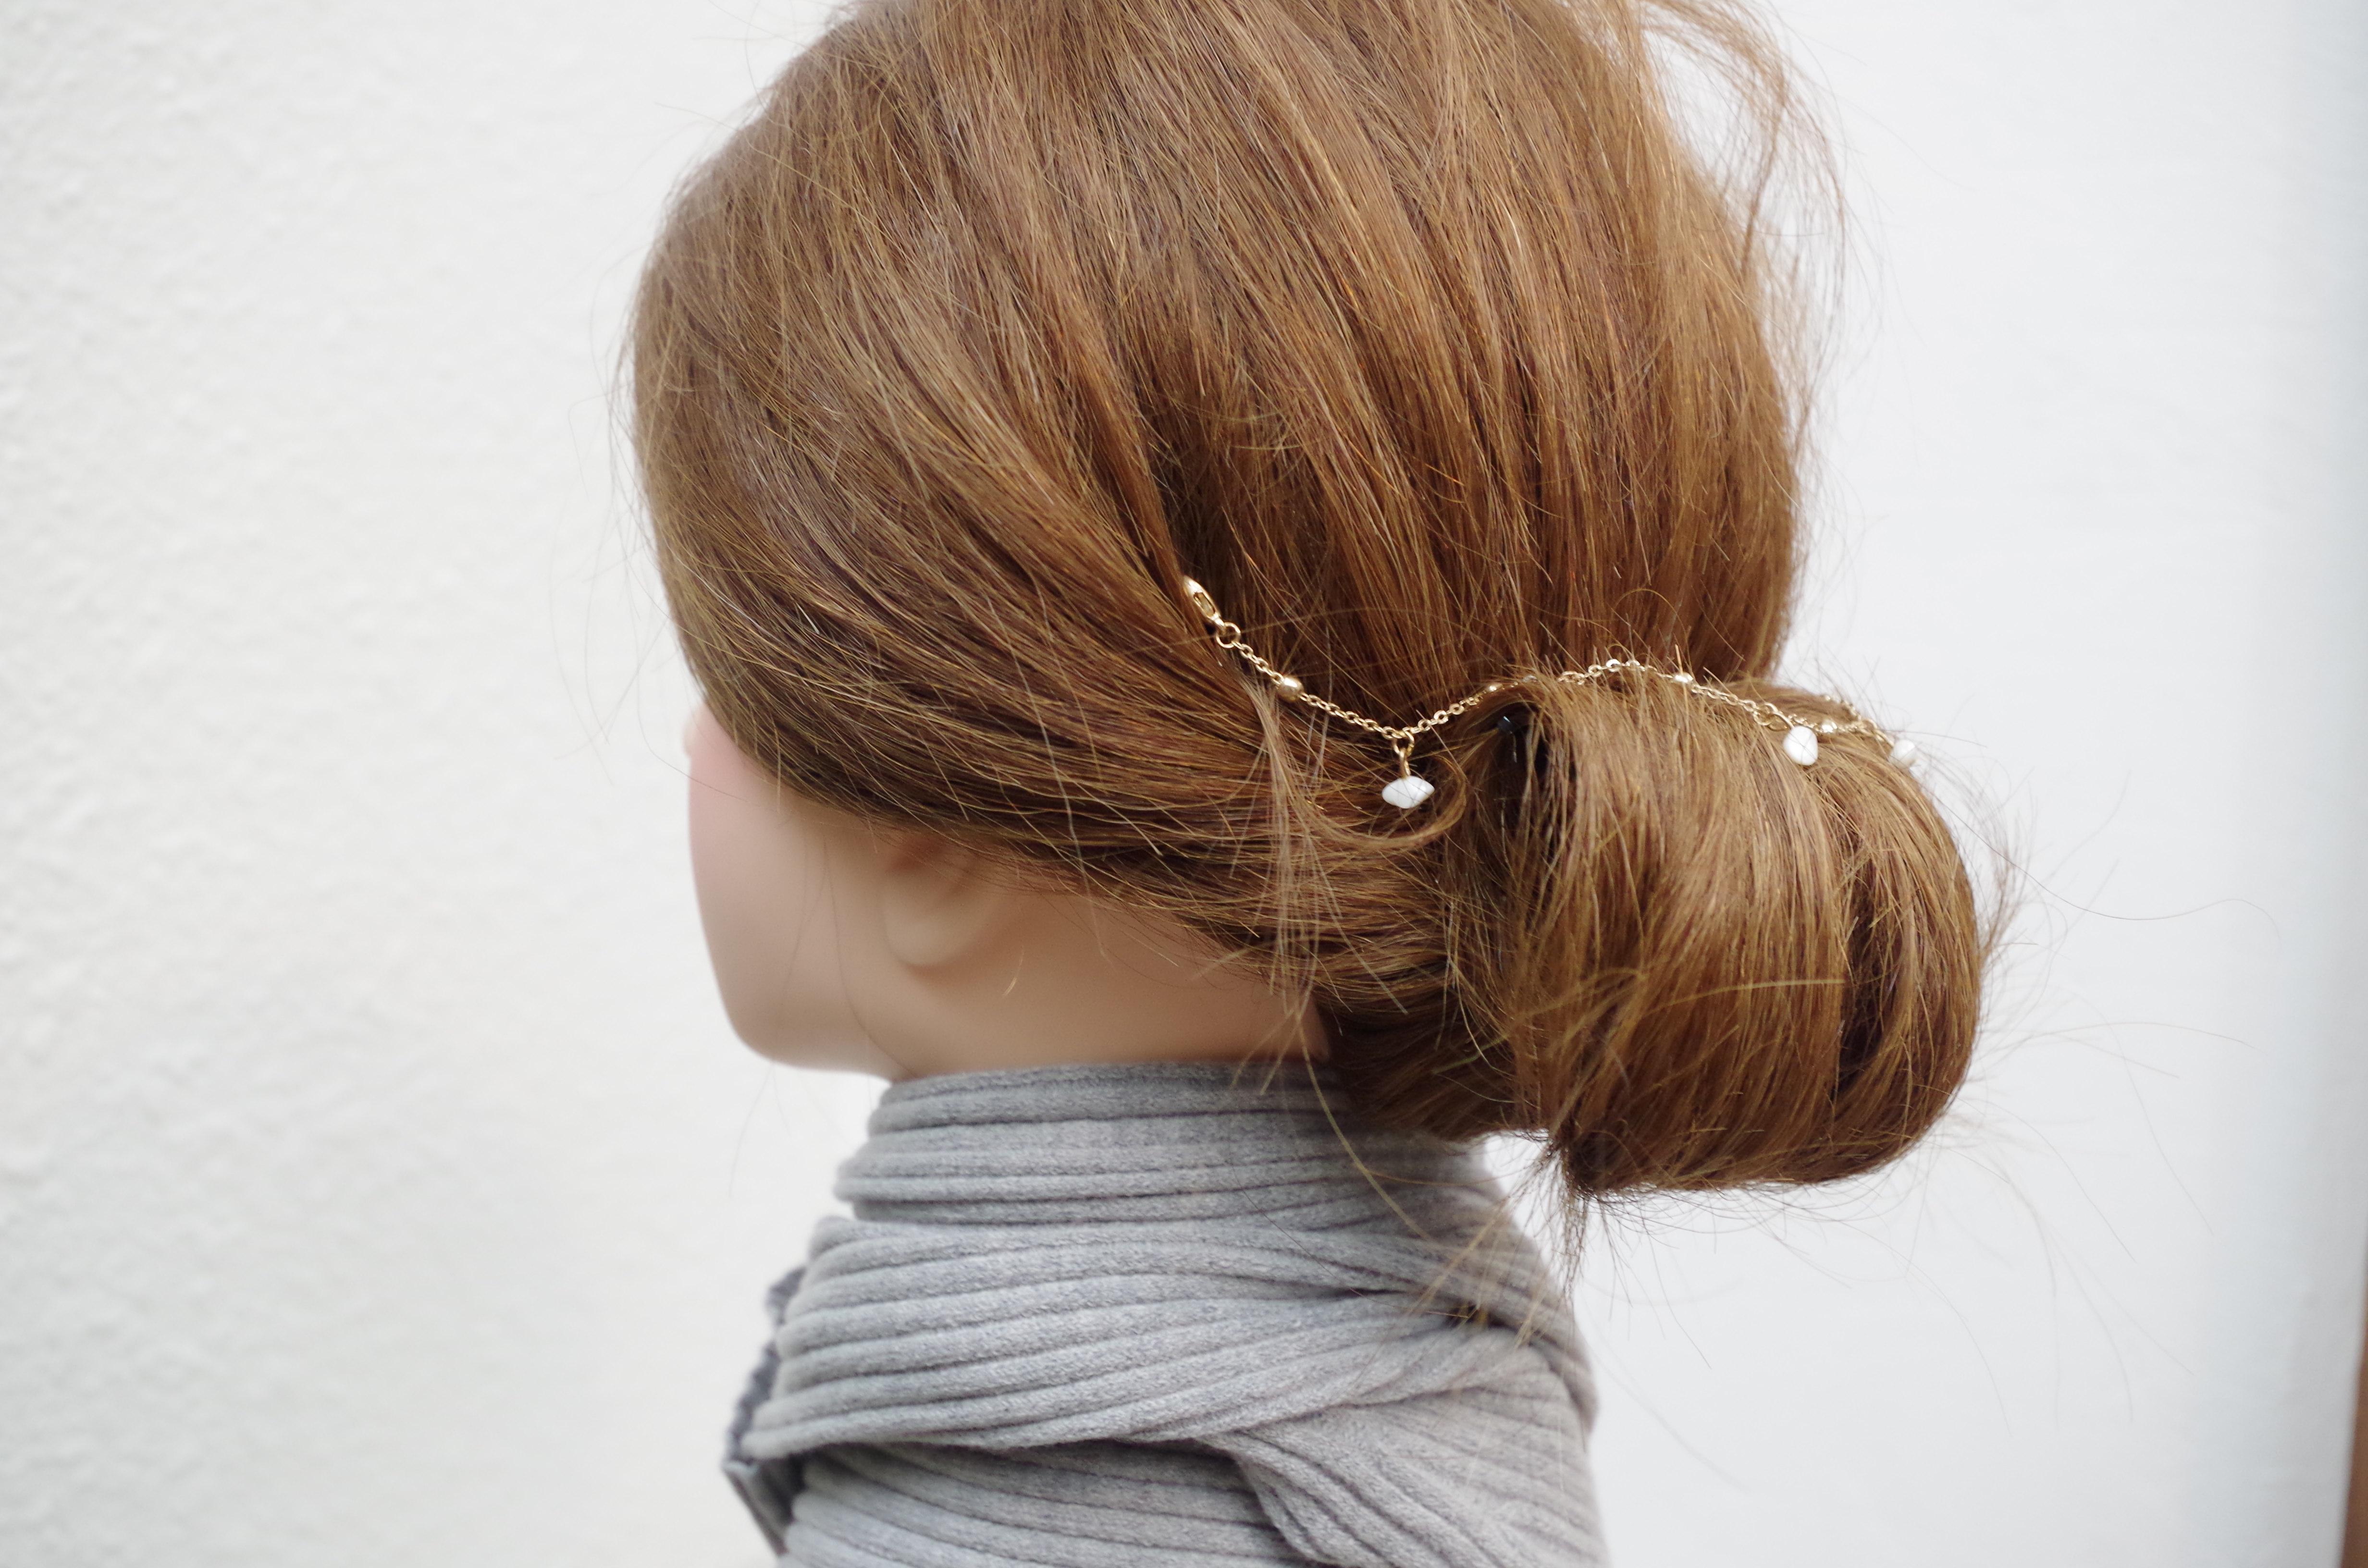 マフラー・ストールに合わせたまとめ髪